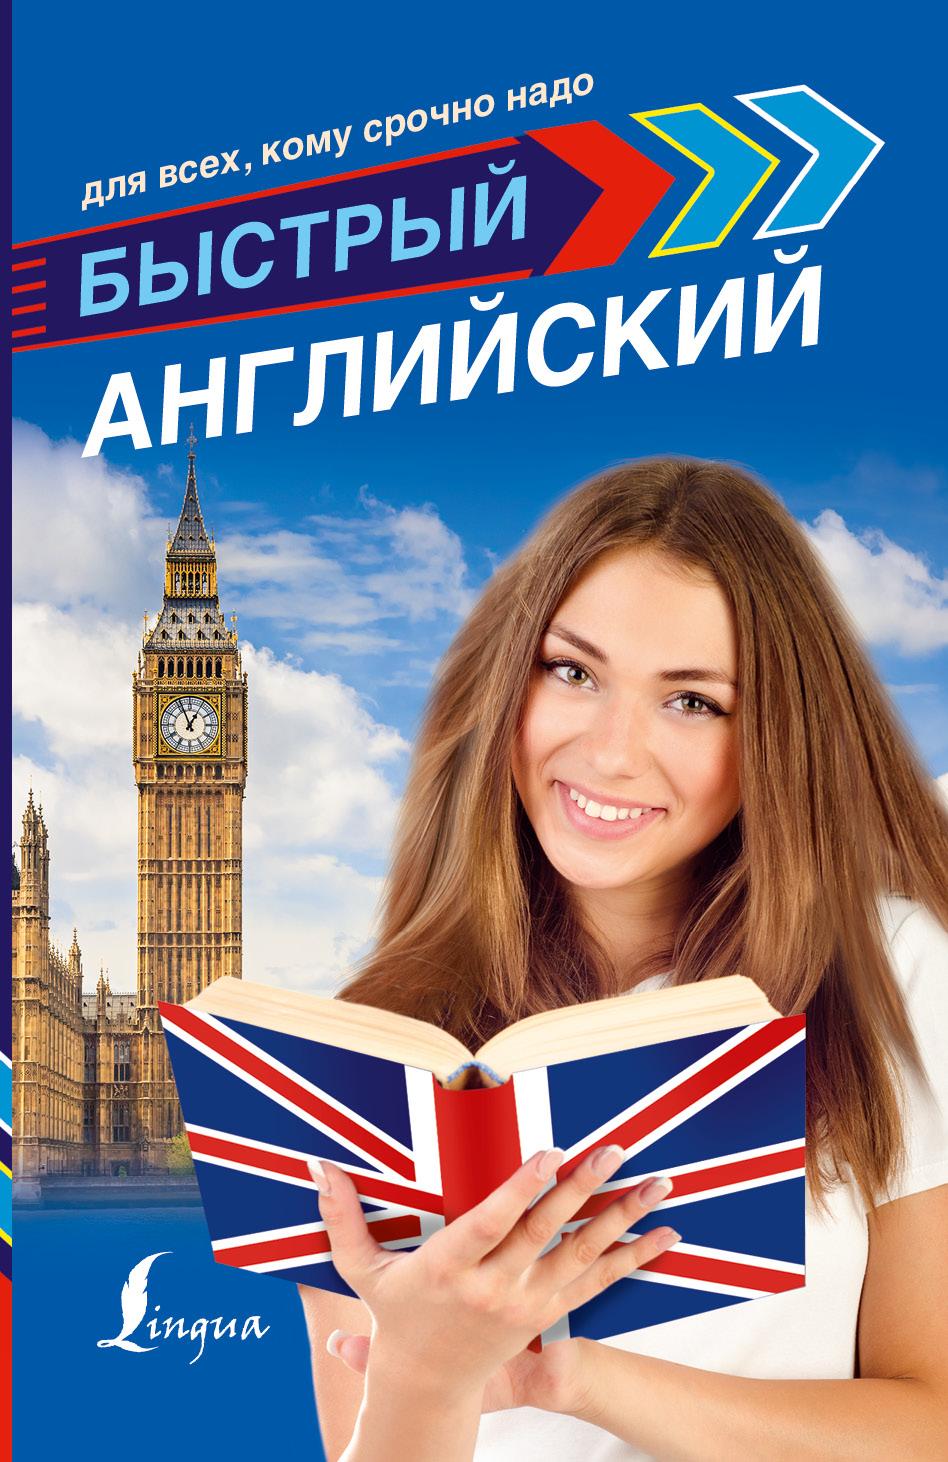 Быстрый английский для всех, кому срочно надо ( Матвеев С.А.  )